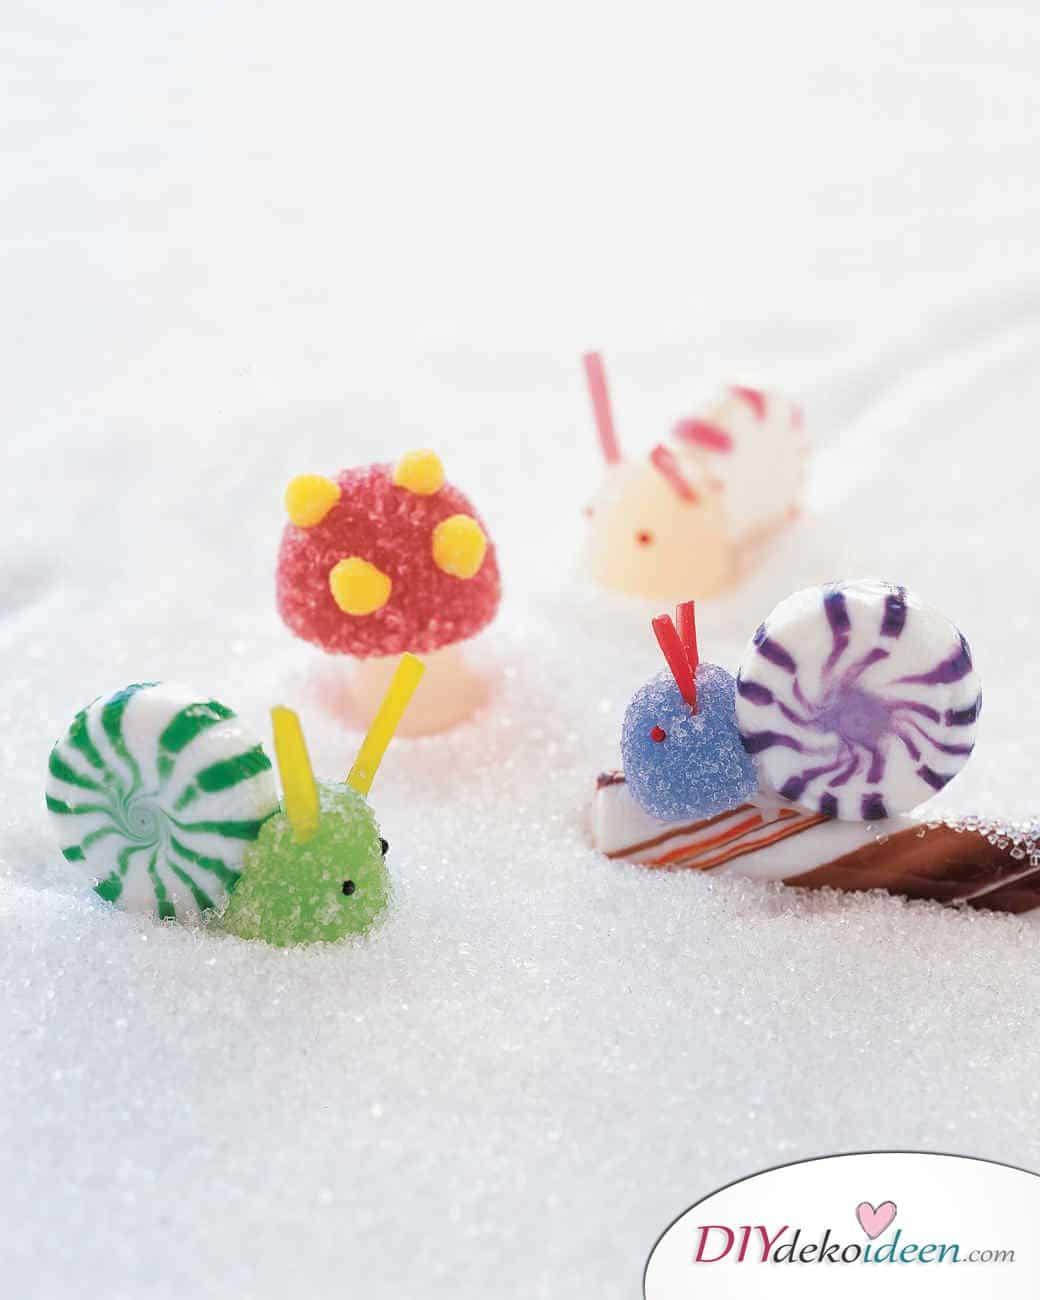 Weihnachtsbasteln mit Kindern - 15 Ideen - basteln mit Kindern - Weihnachten Bastelideen - basteln mit Bonbons